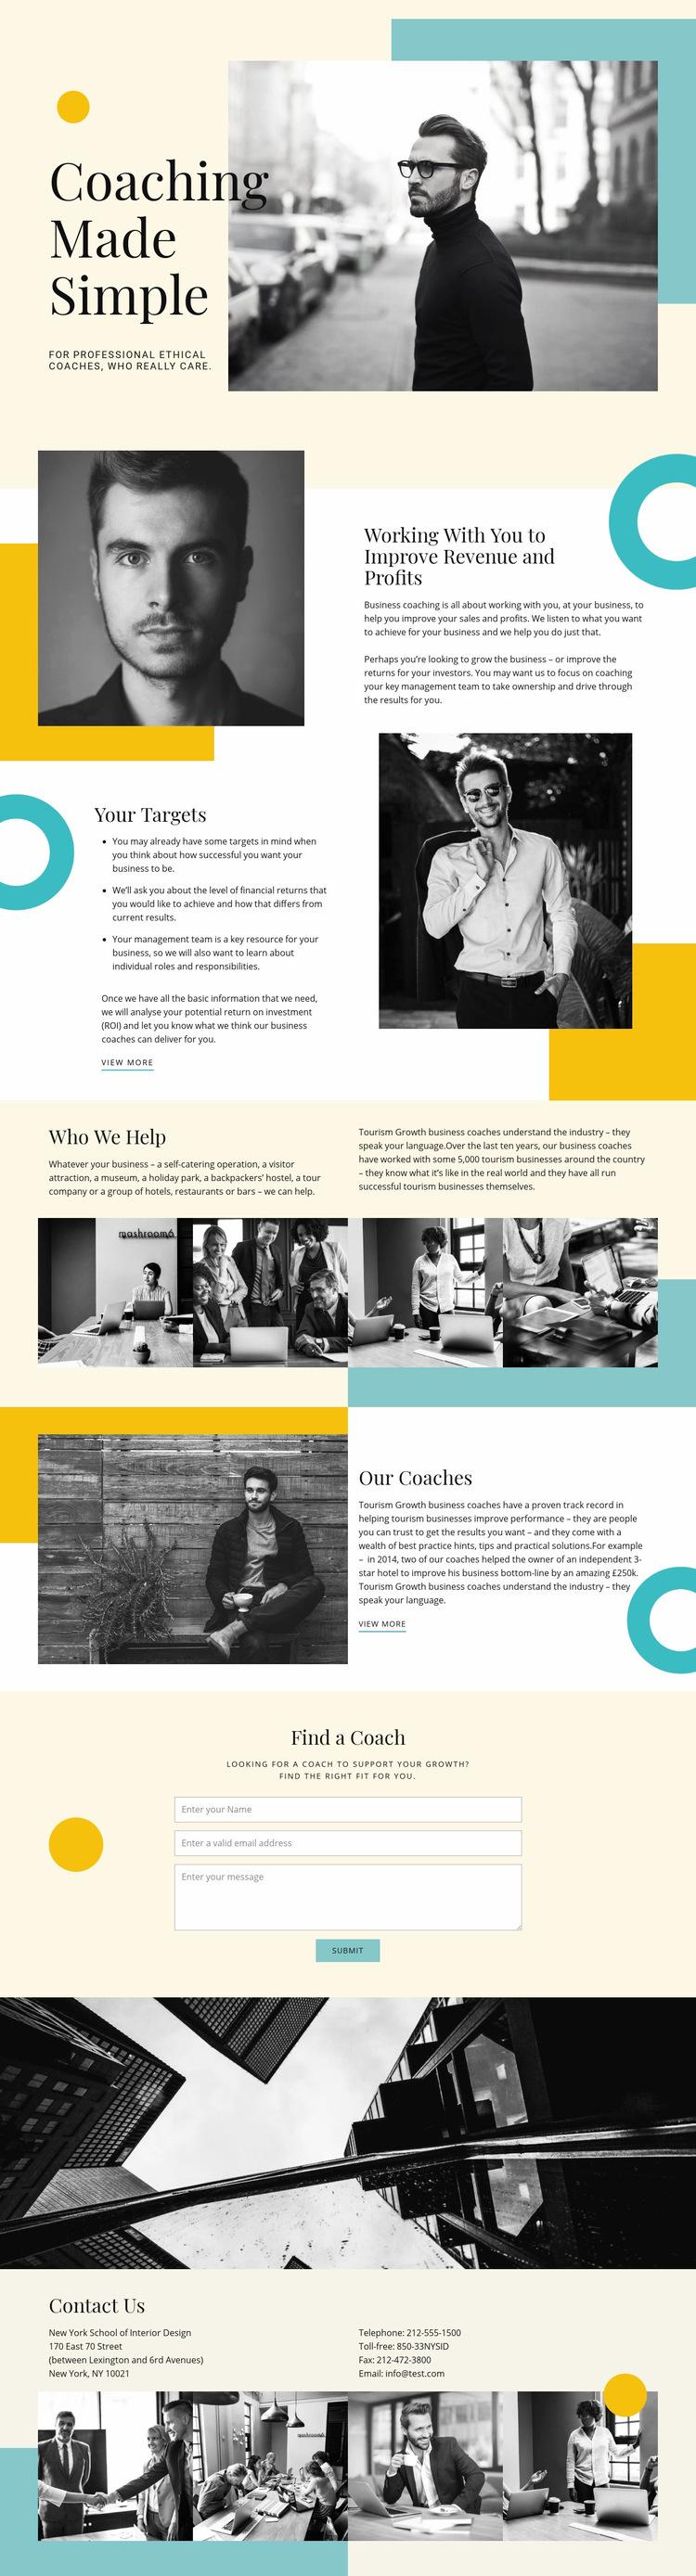 Coaching Company Web Page Design